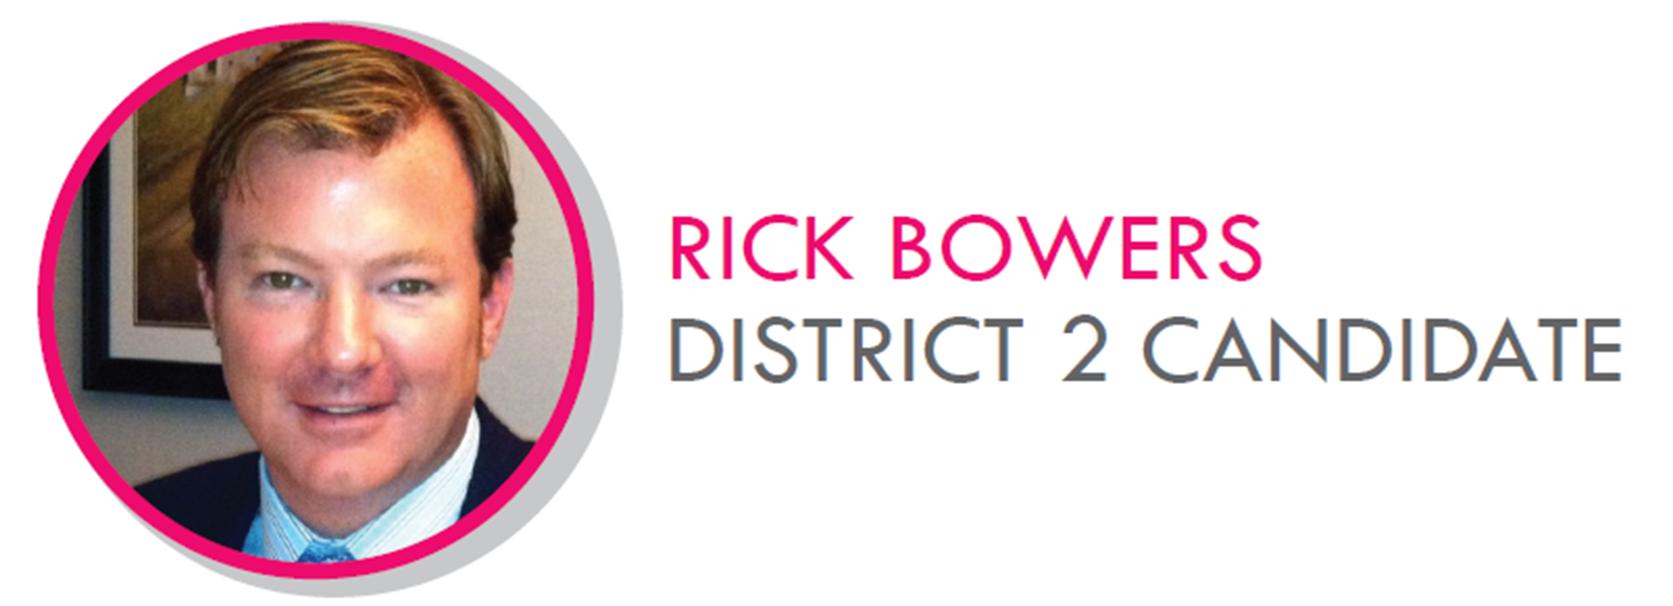 Rickbowers